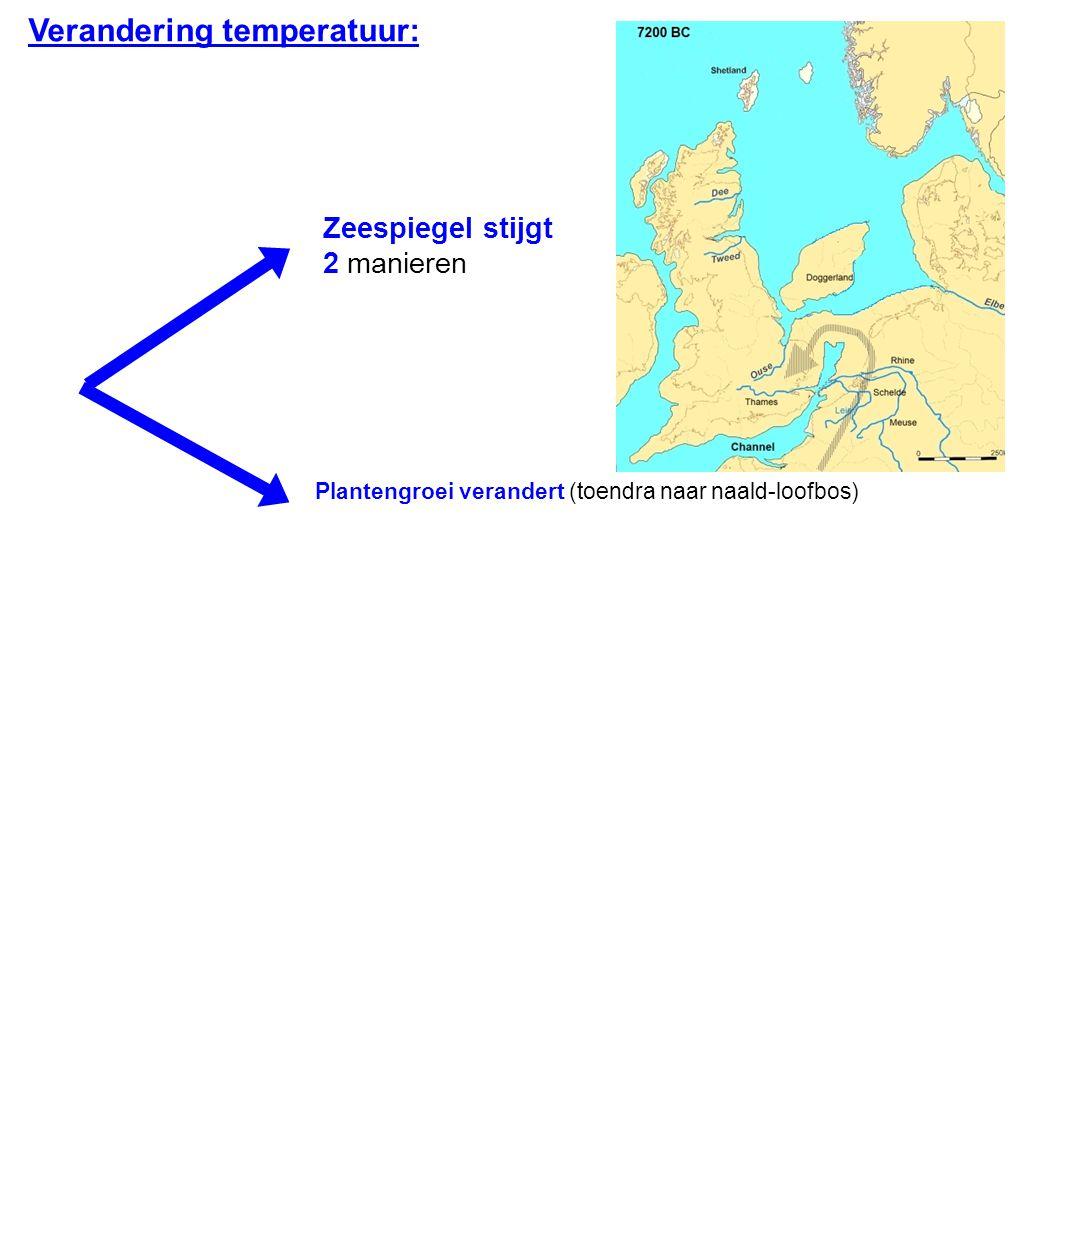 Verandering temperatuur: Zeespiegel stijgt 2 manieren Plantengroei verandert (toendra naar naald-loofbos)